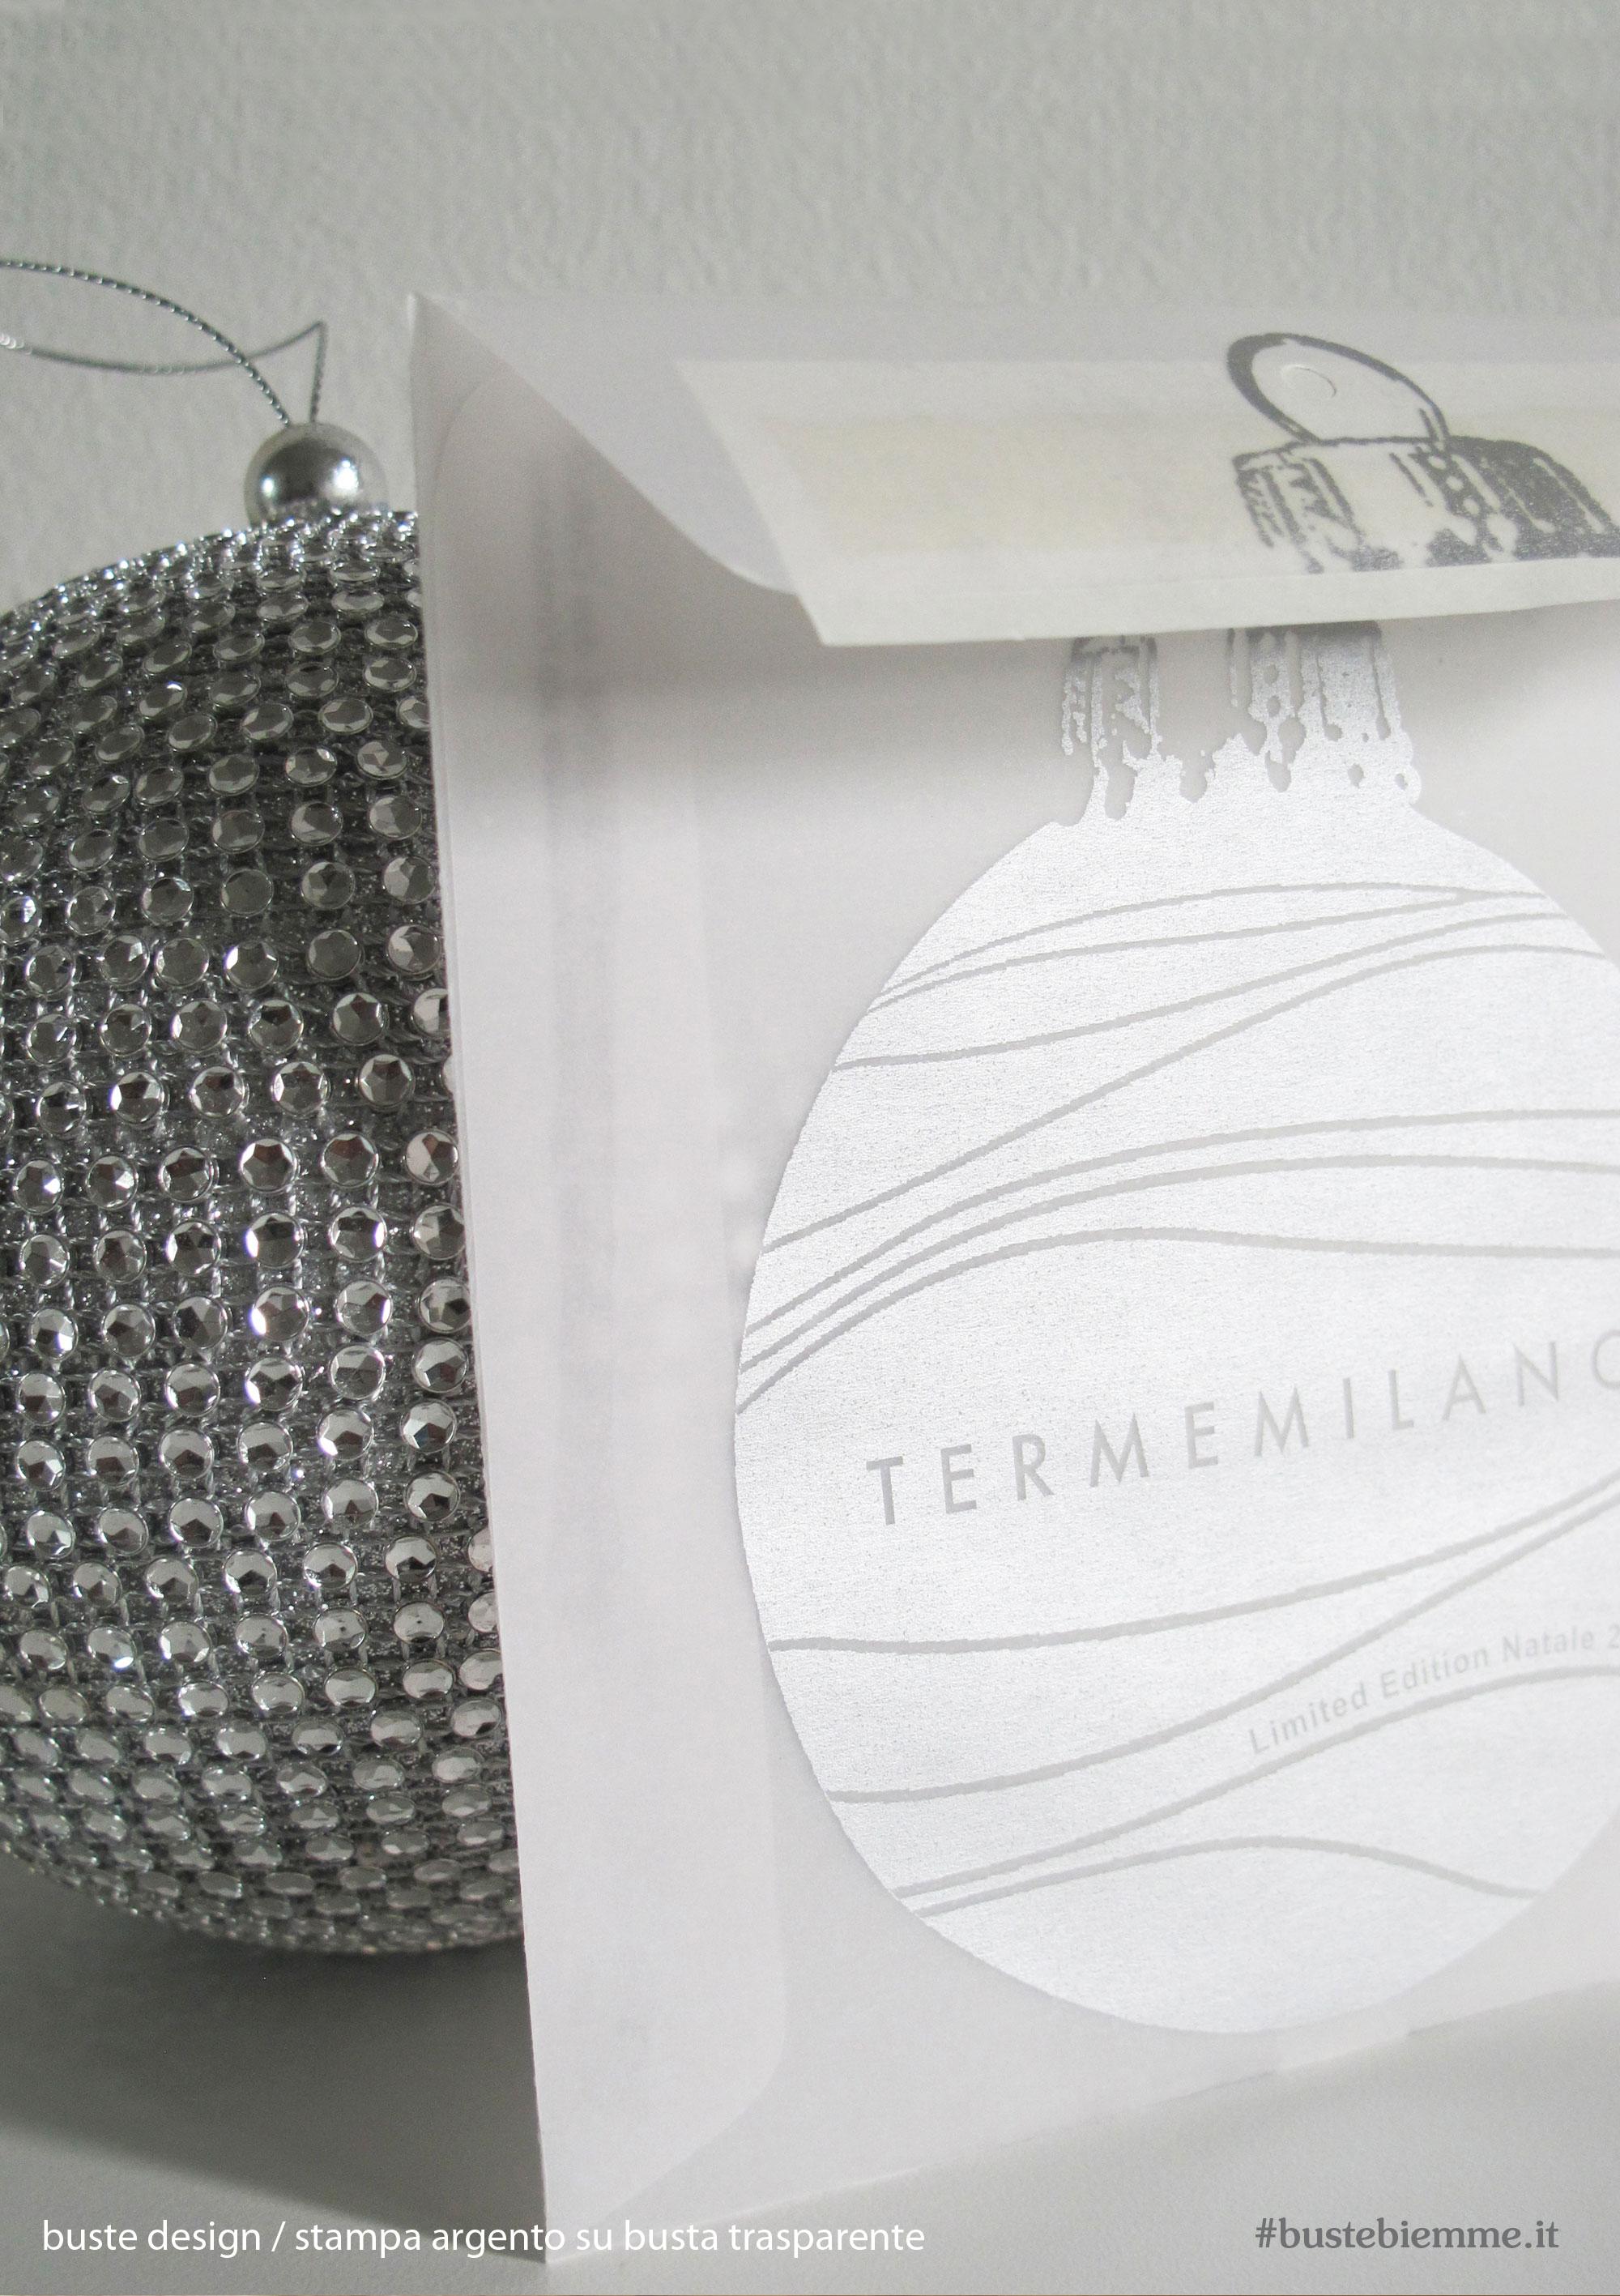 busta design con carta trasparente e stampa argento